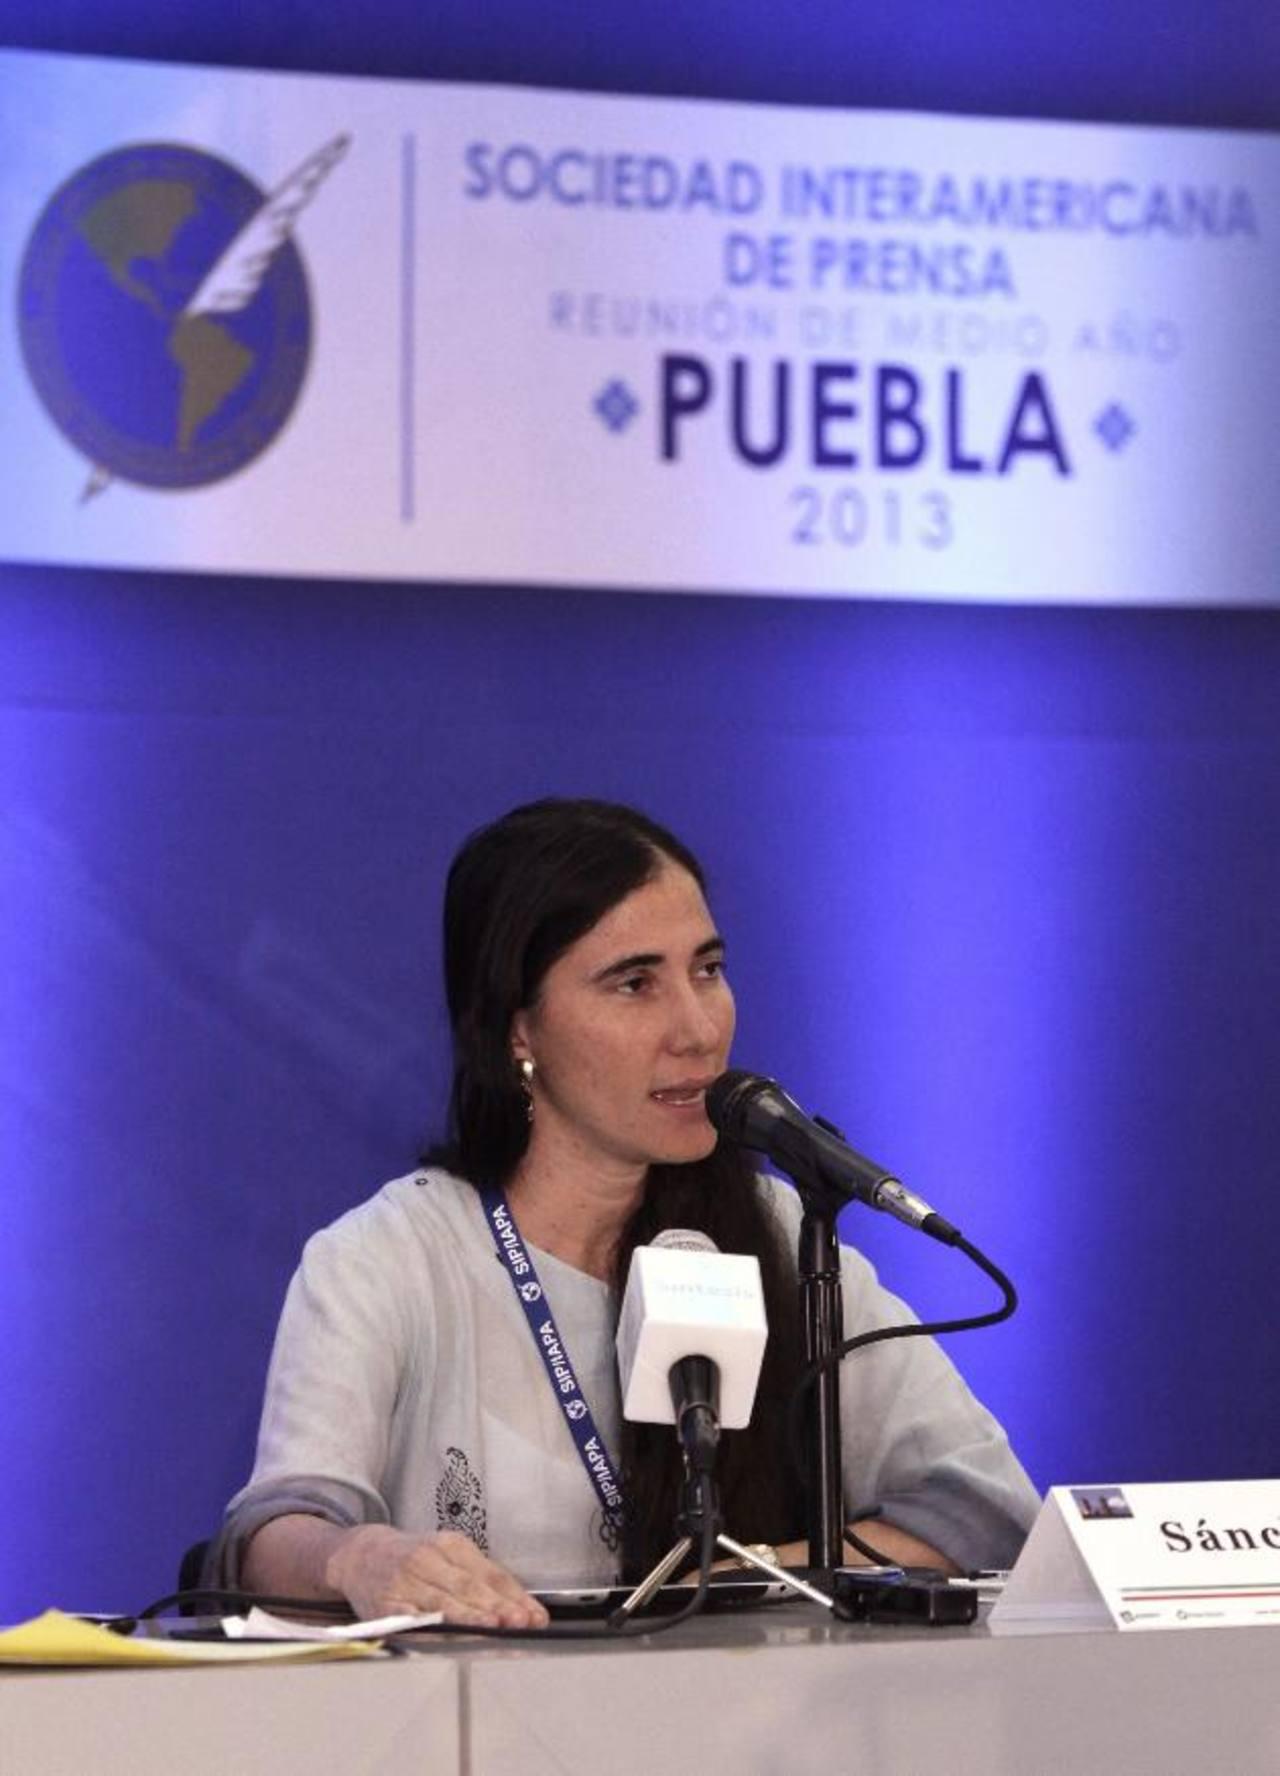 La disidente cubana Yoani Sánchez habla se dirige a los medios en Puebla. foto edh / efe